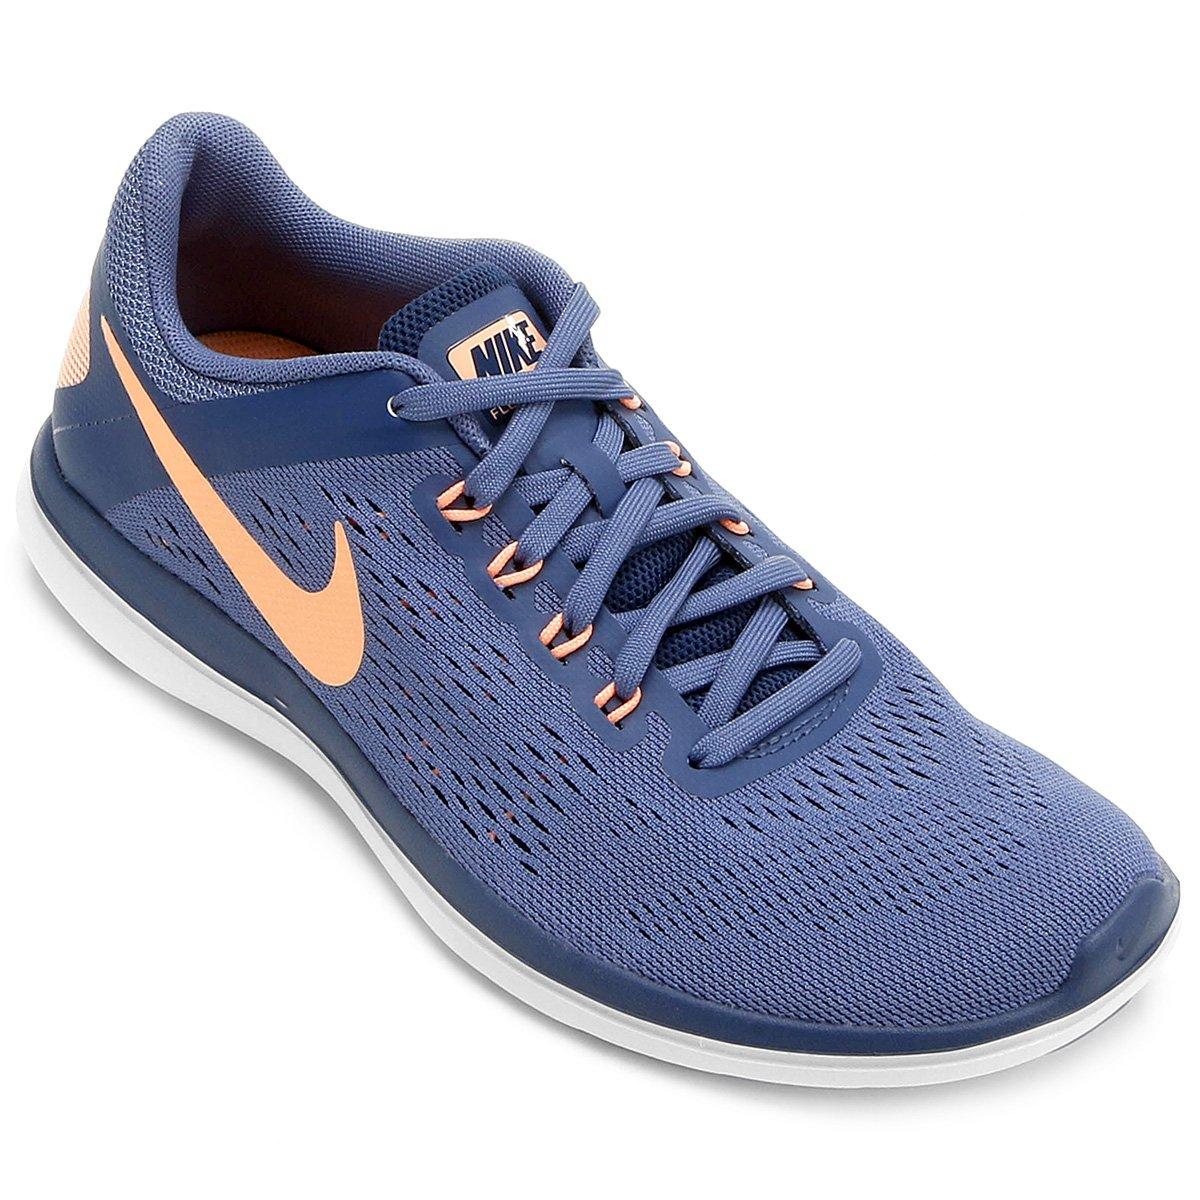 f8778533bd7 Tênis Nike Flex 2016 RN Feminino - Compre Agora